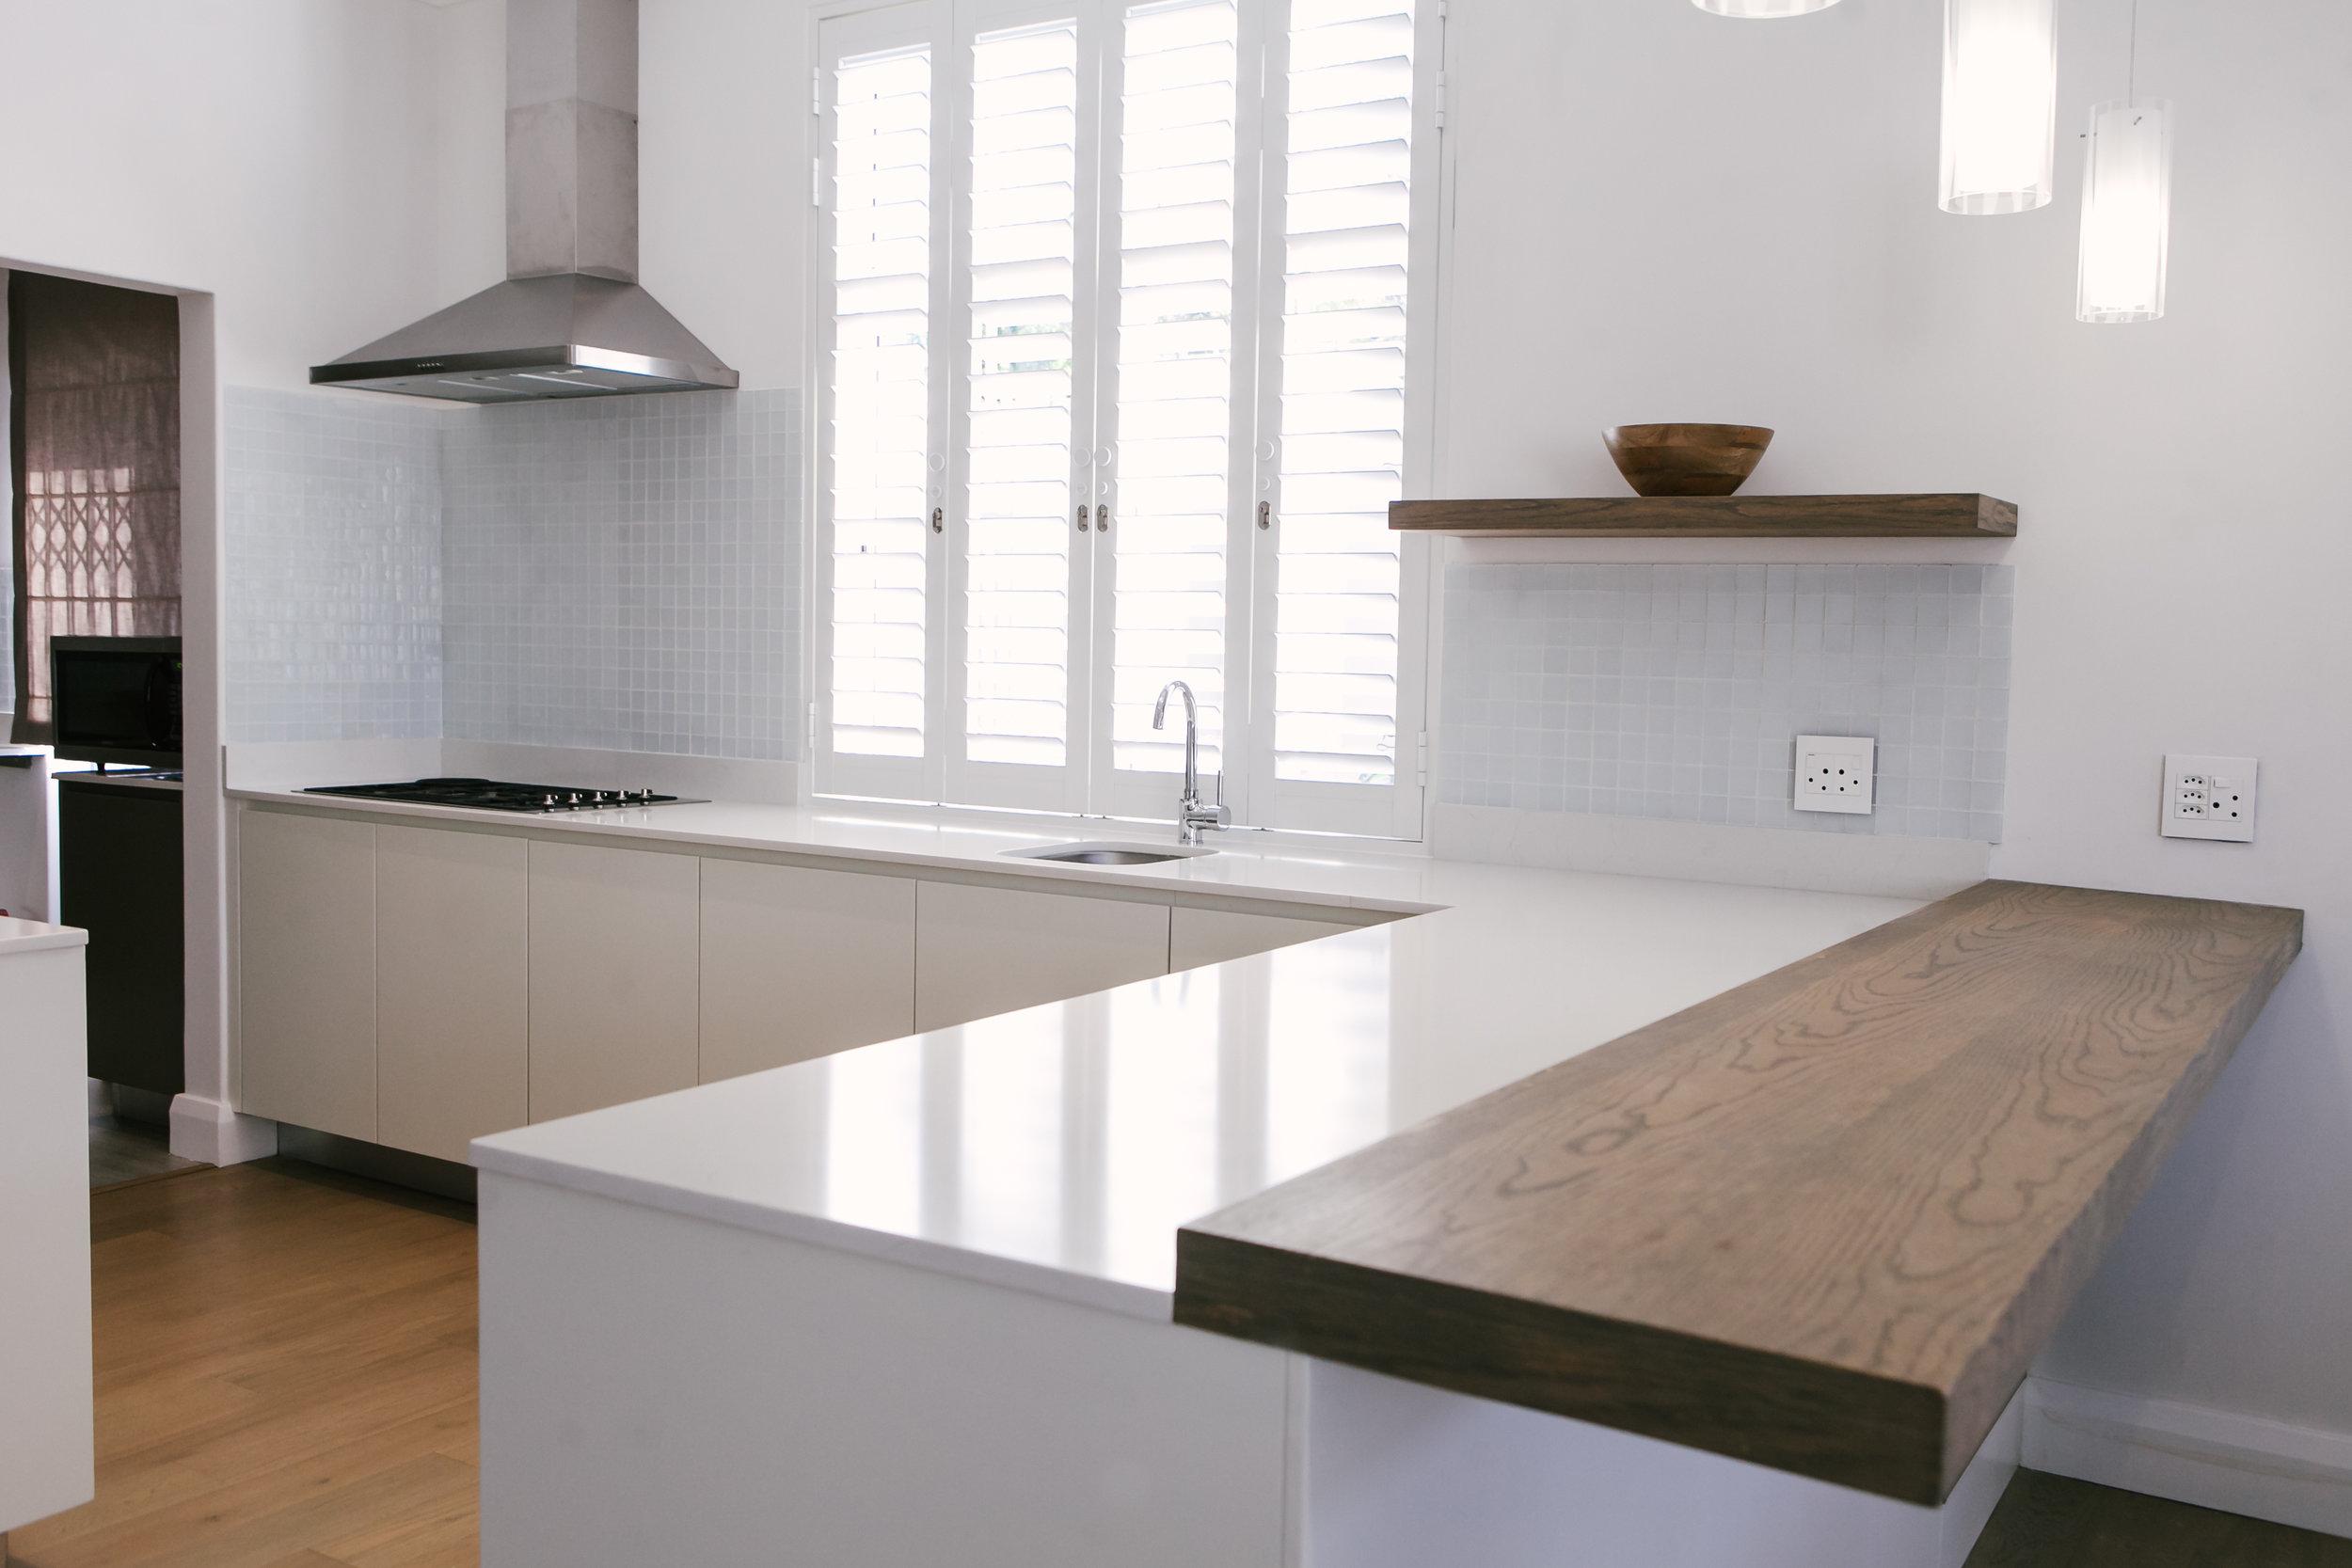 Newlands kitchen 4.jpg